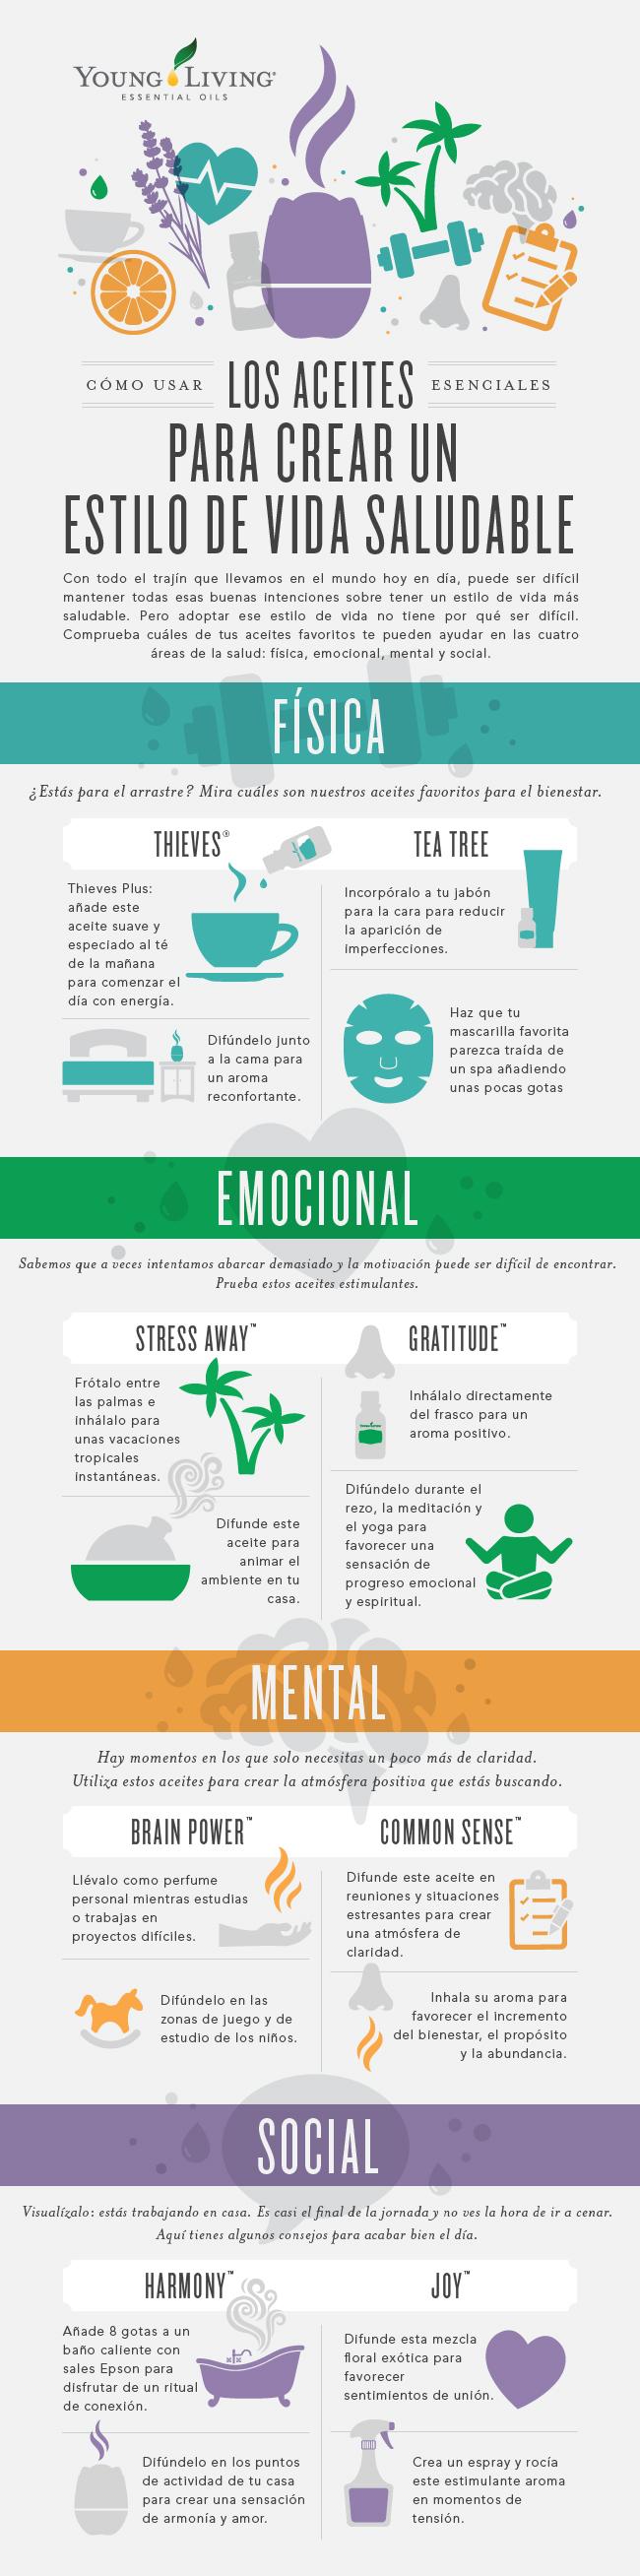 Infografía de los aceites esenciales para la salud mental, física, emocional y social